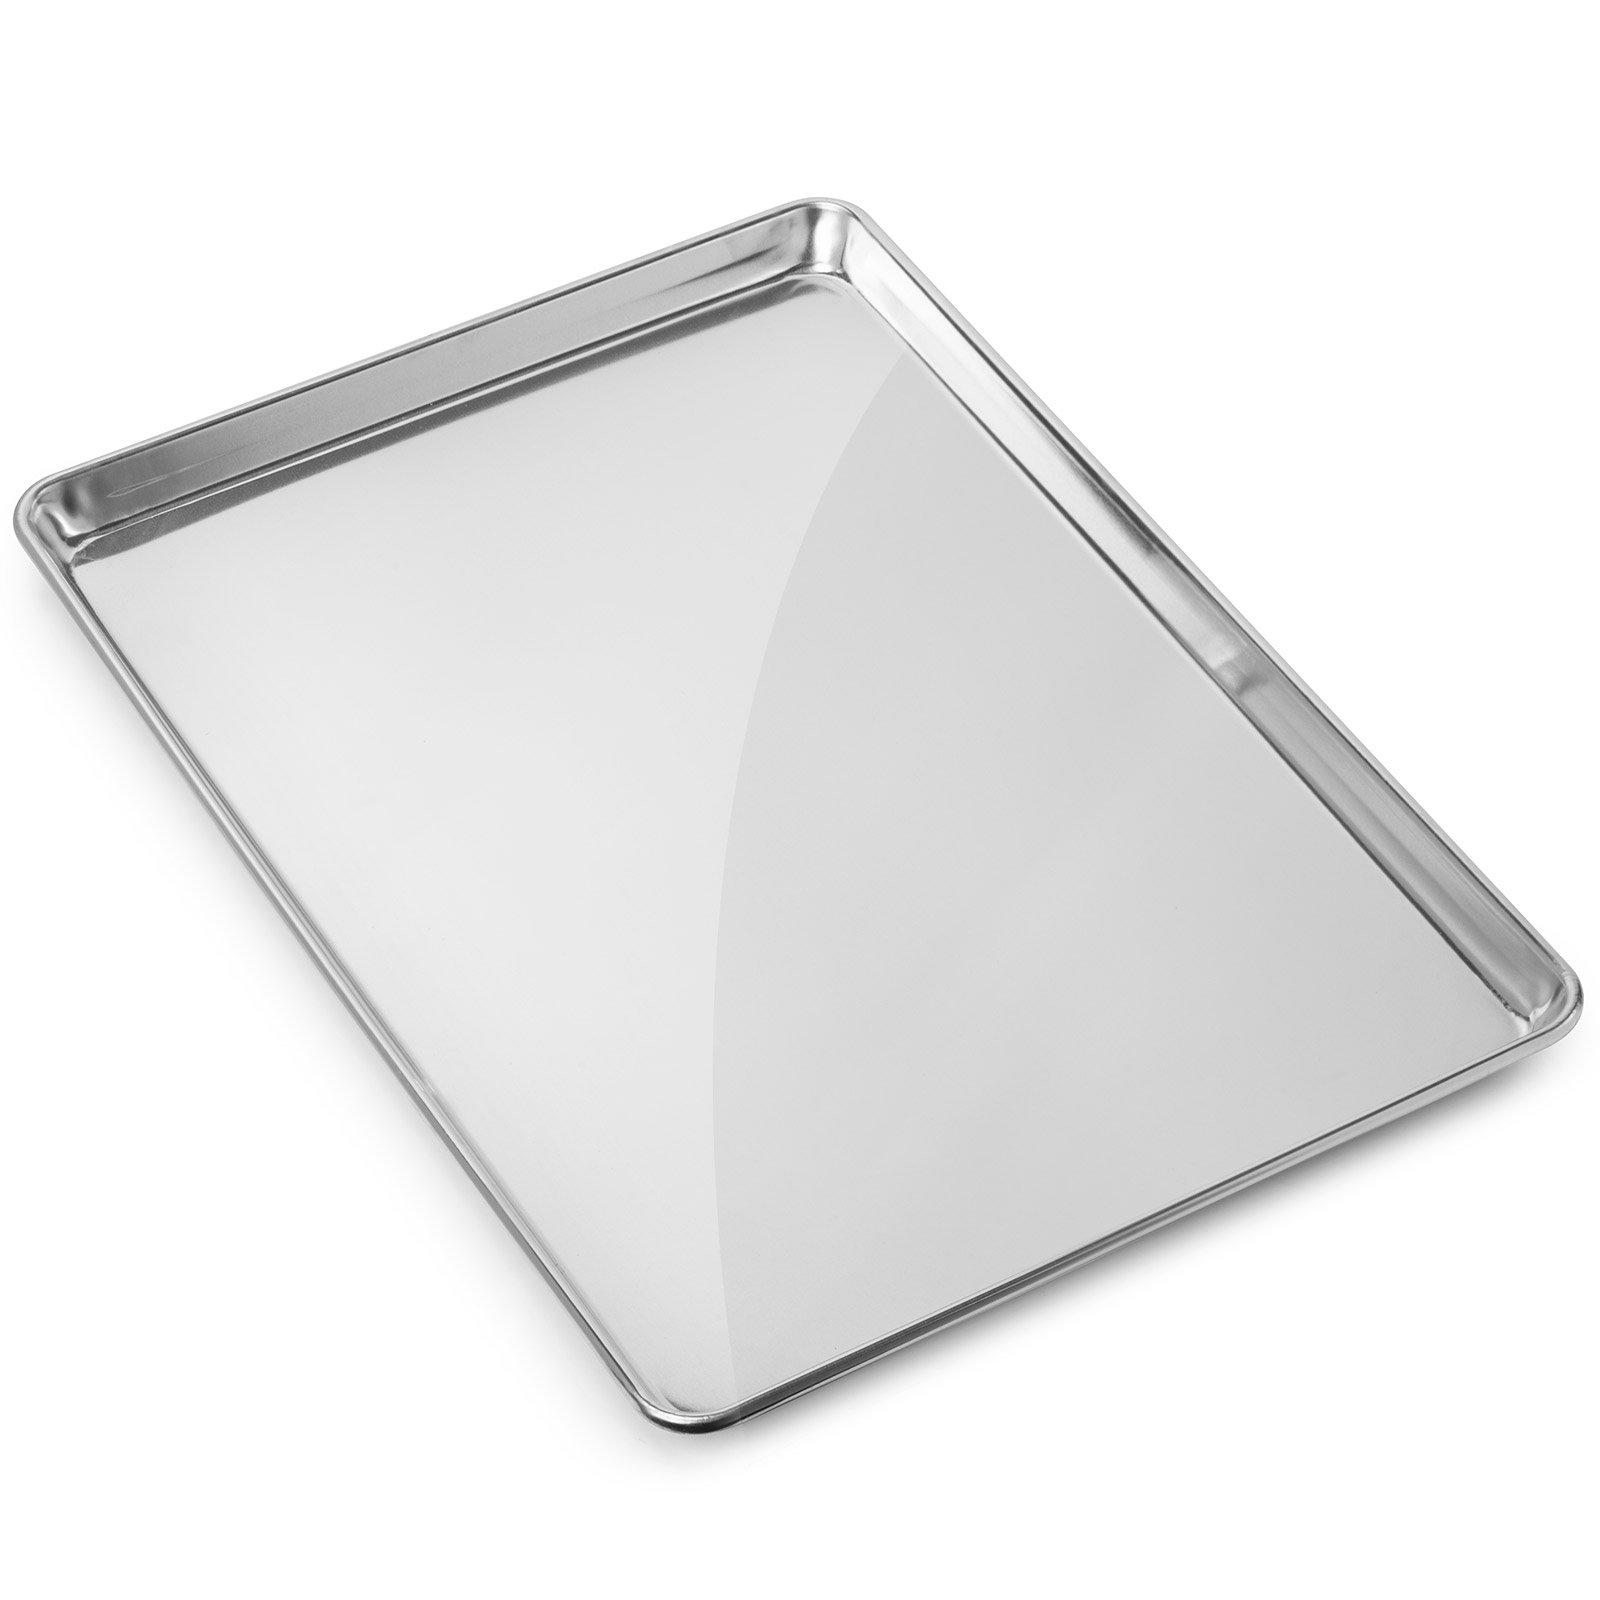 Gridmann 15'' x 21'' Commercial Grade Aluminium Cookie Sheet Baking Tray Pan Three Quarter Sheet - 1 Pan